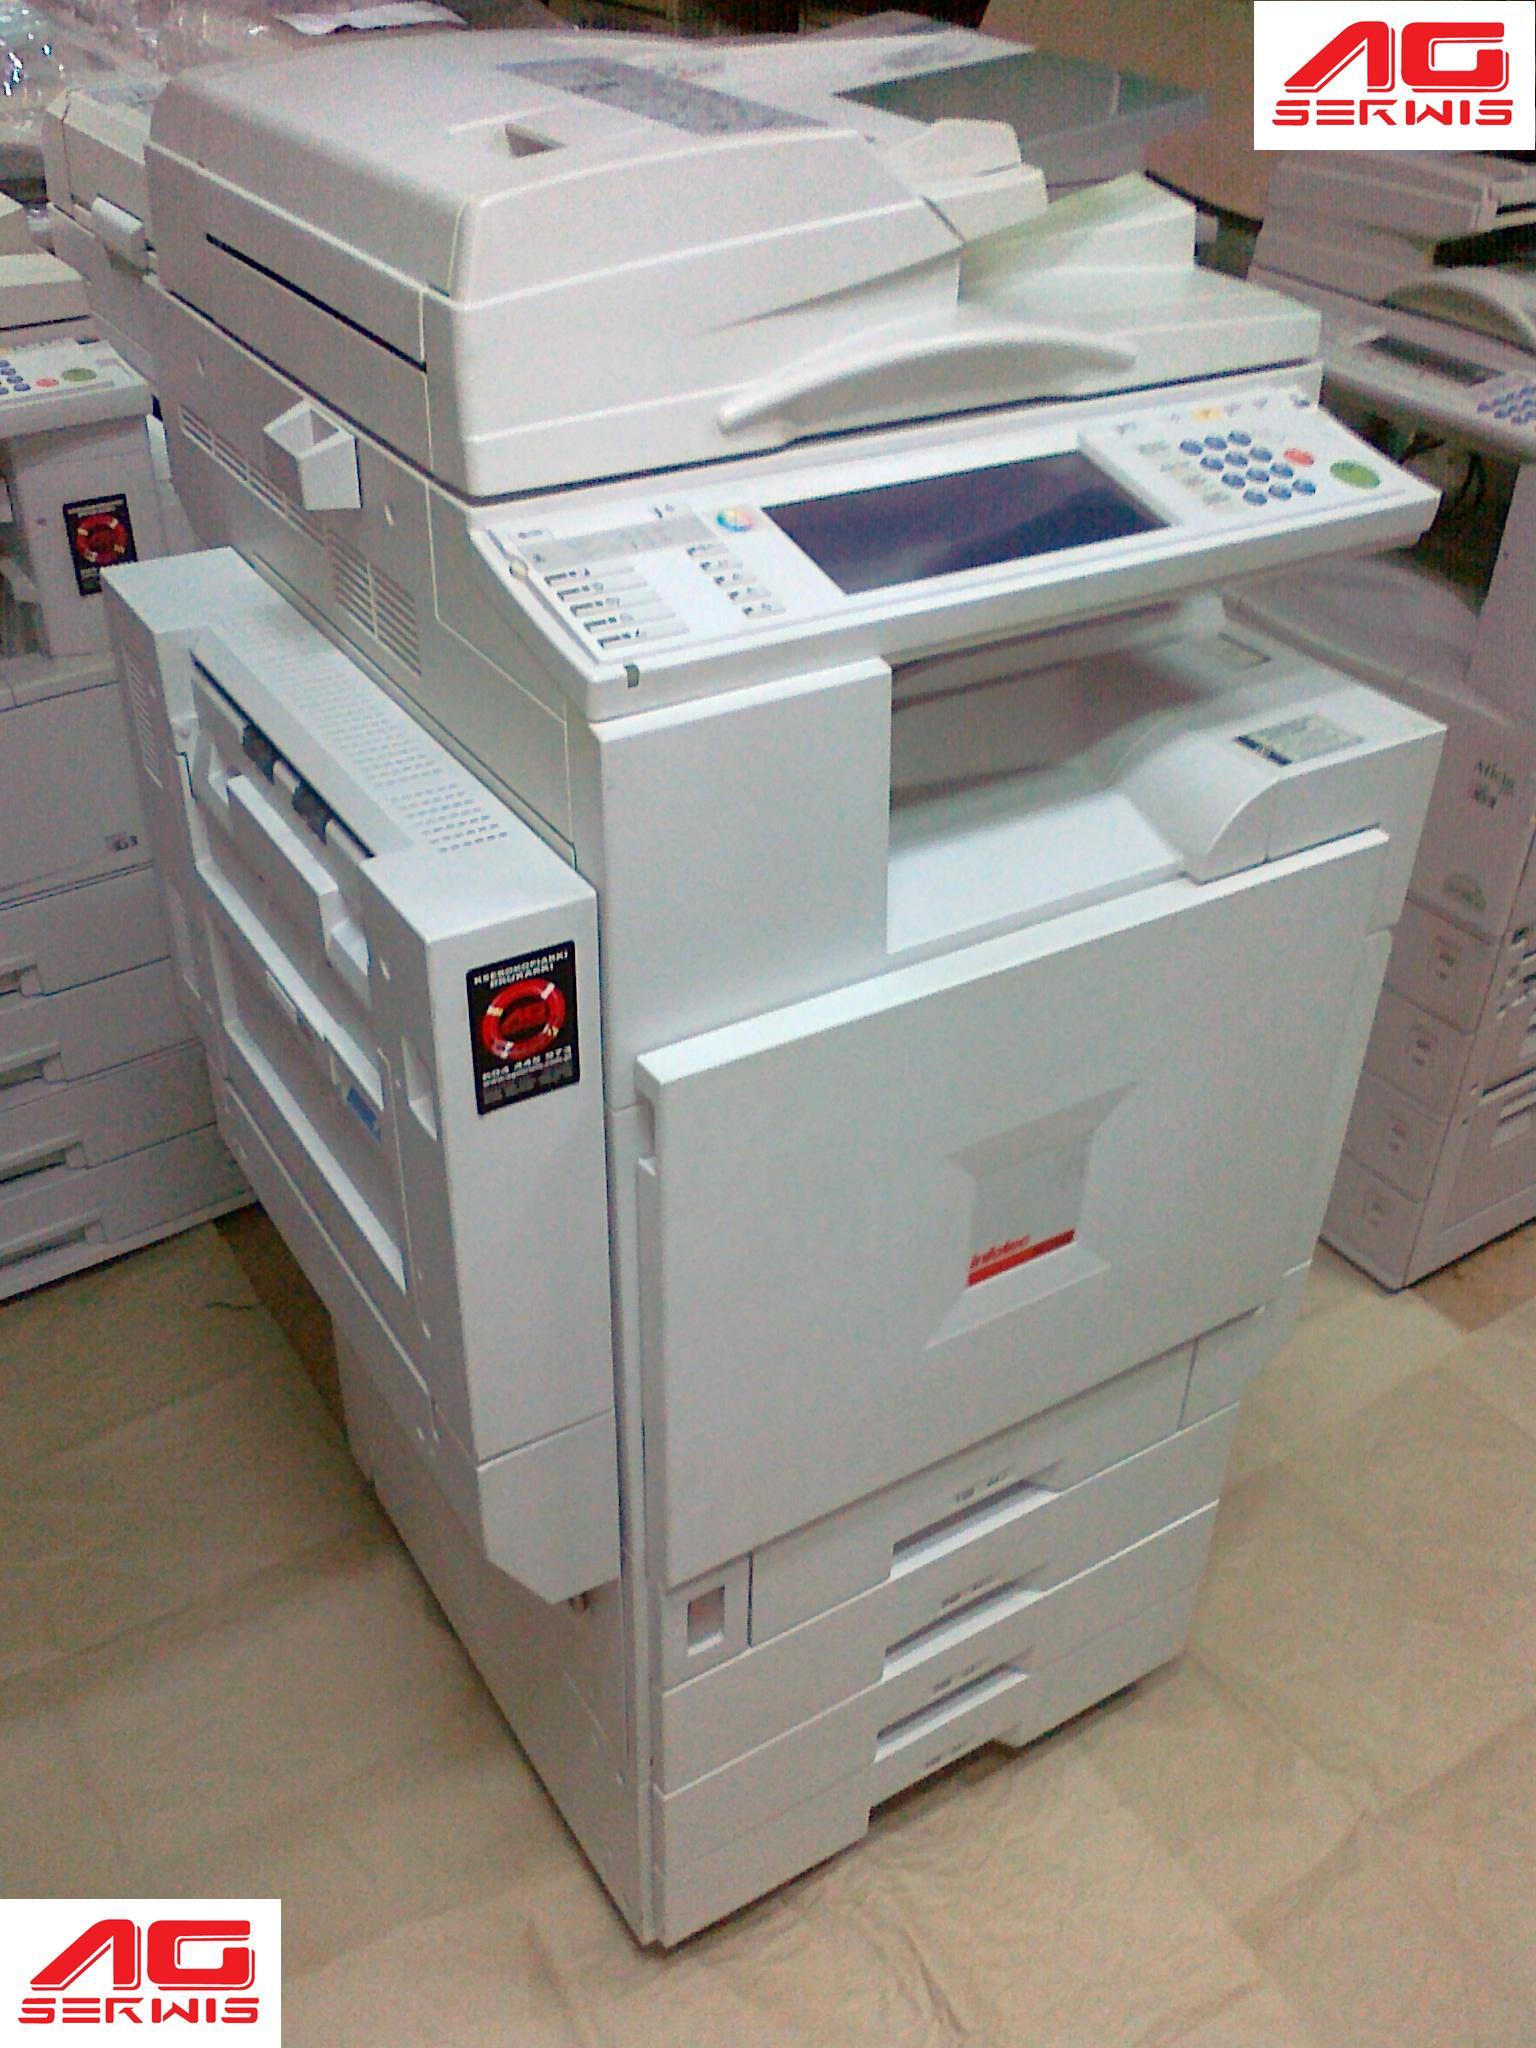 kolorowa drukarka wielofunkcyjna